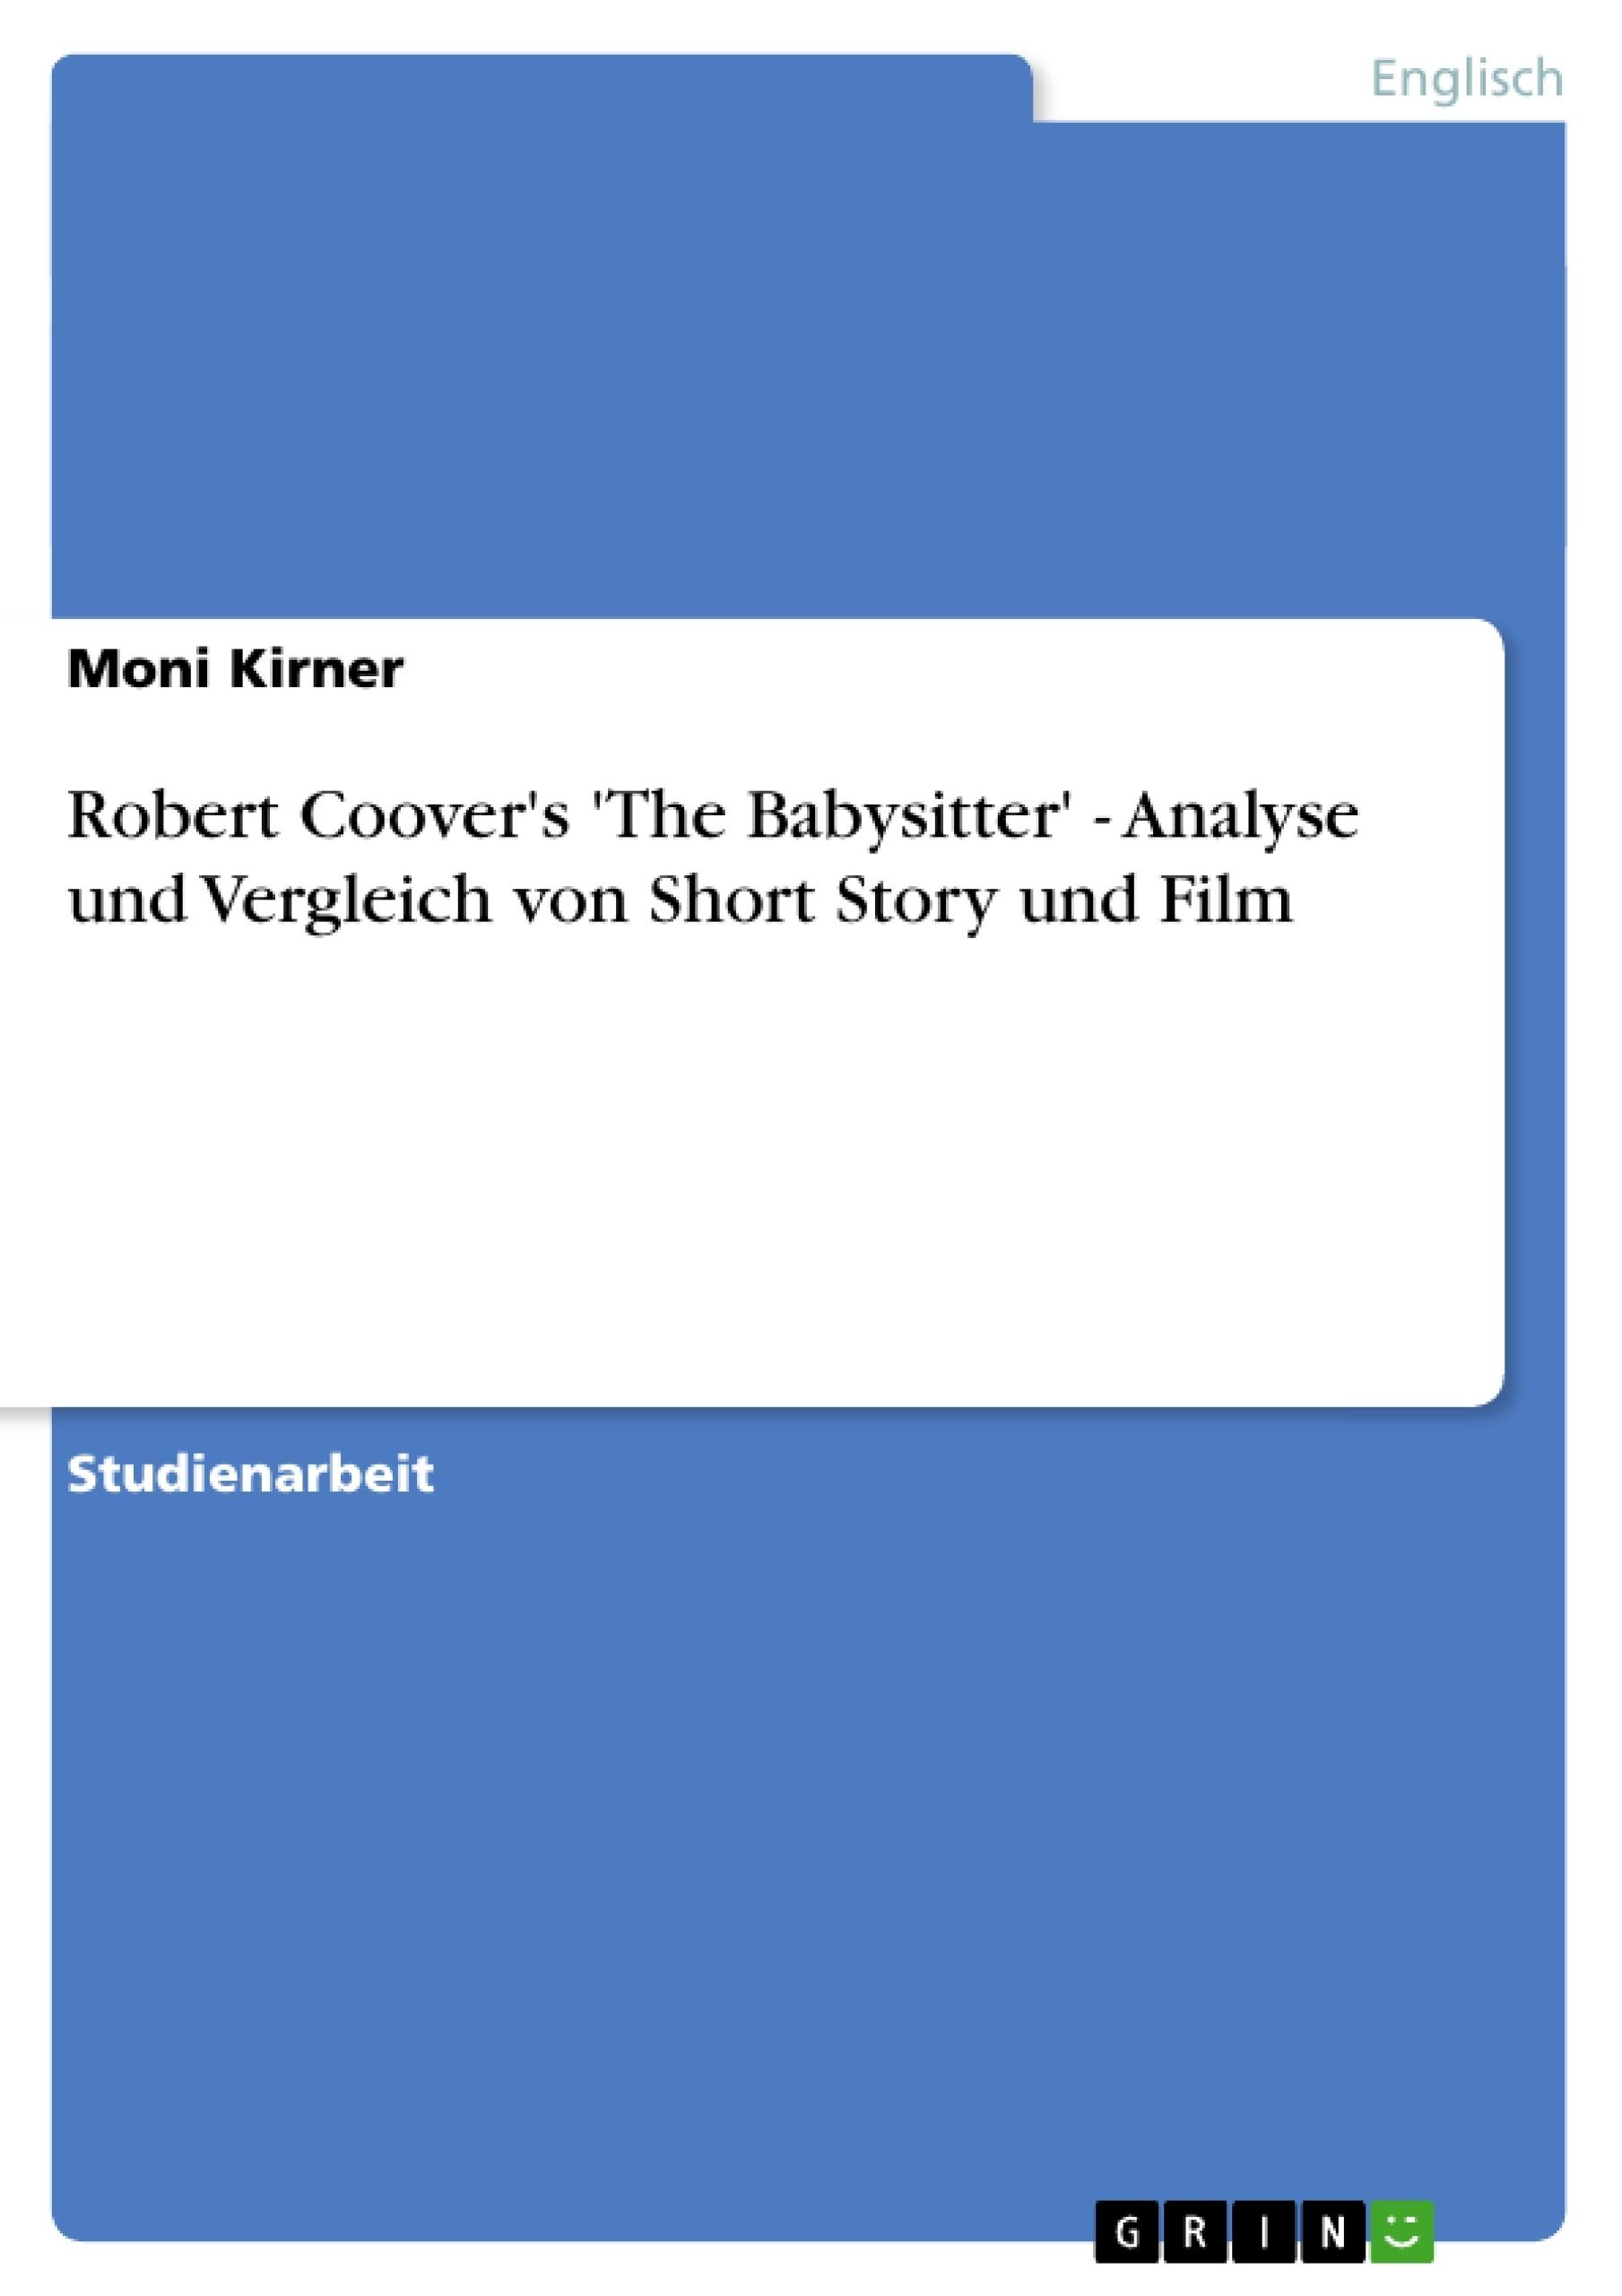 Titel: Robert Coover's 'The Babysitter' - Analyse und Vergleich von Short Story und Film